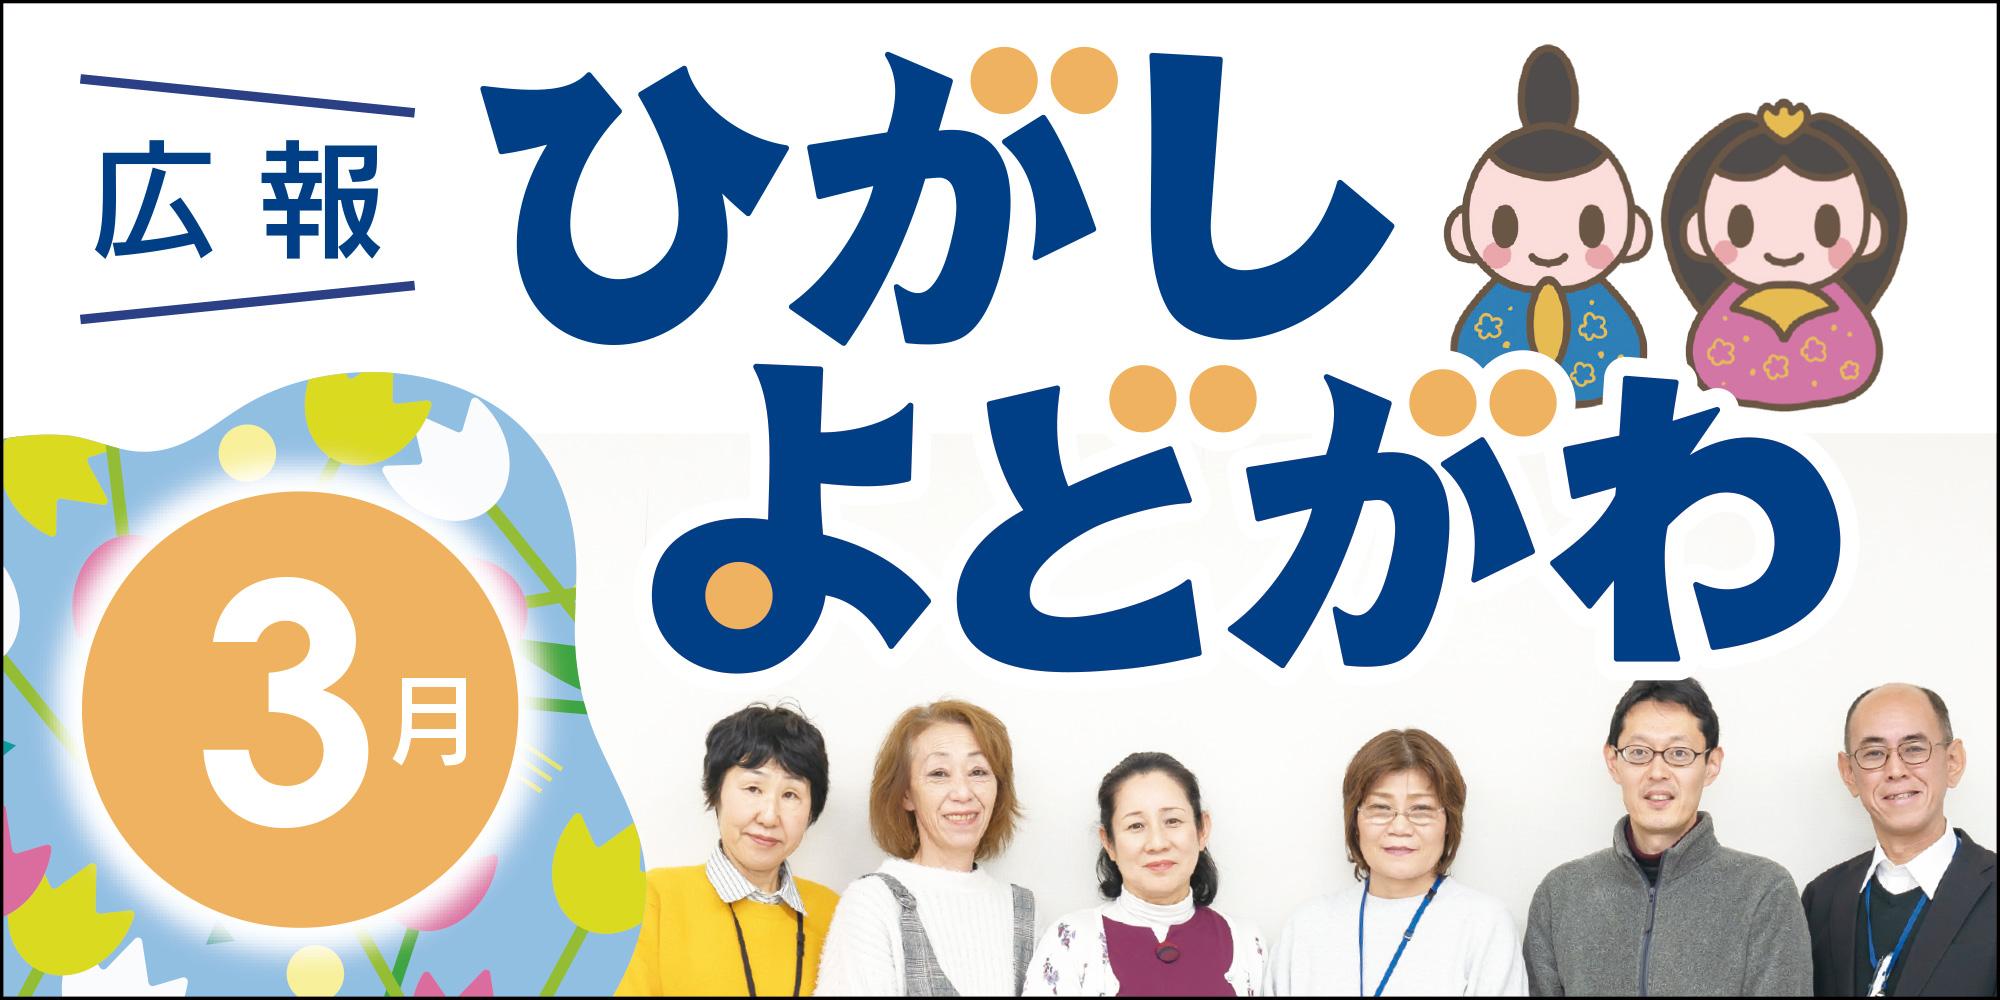 広報ひがしよどがわ2020年3月号|地域自立支援協議会(大阪市東淀川区)